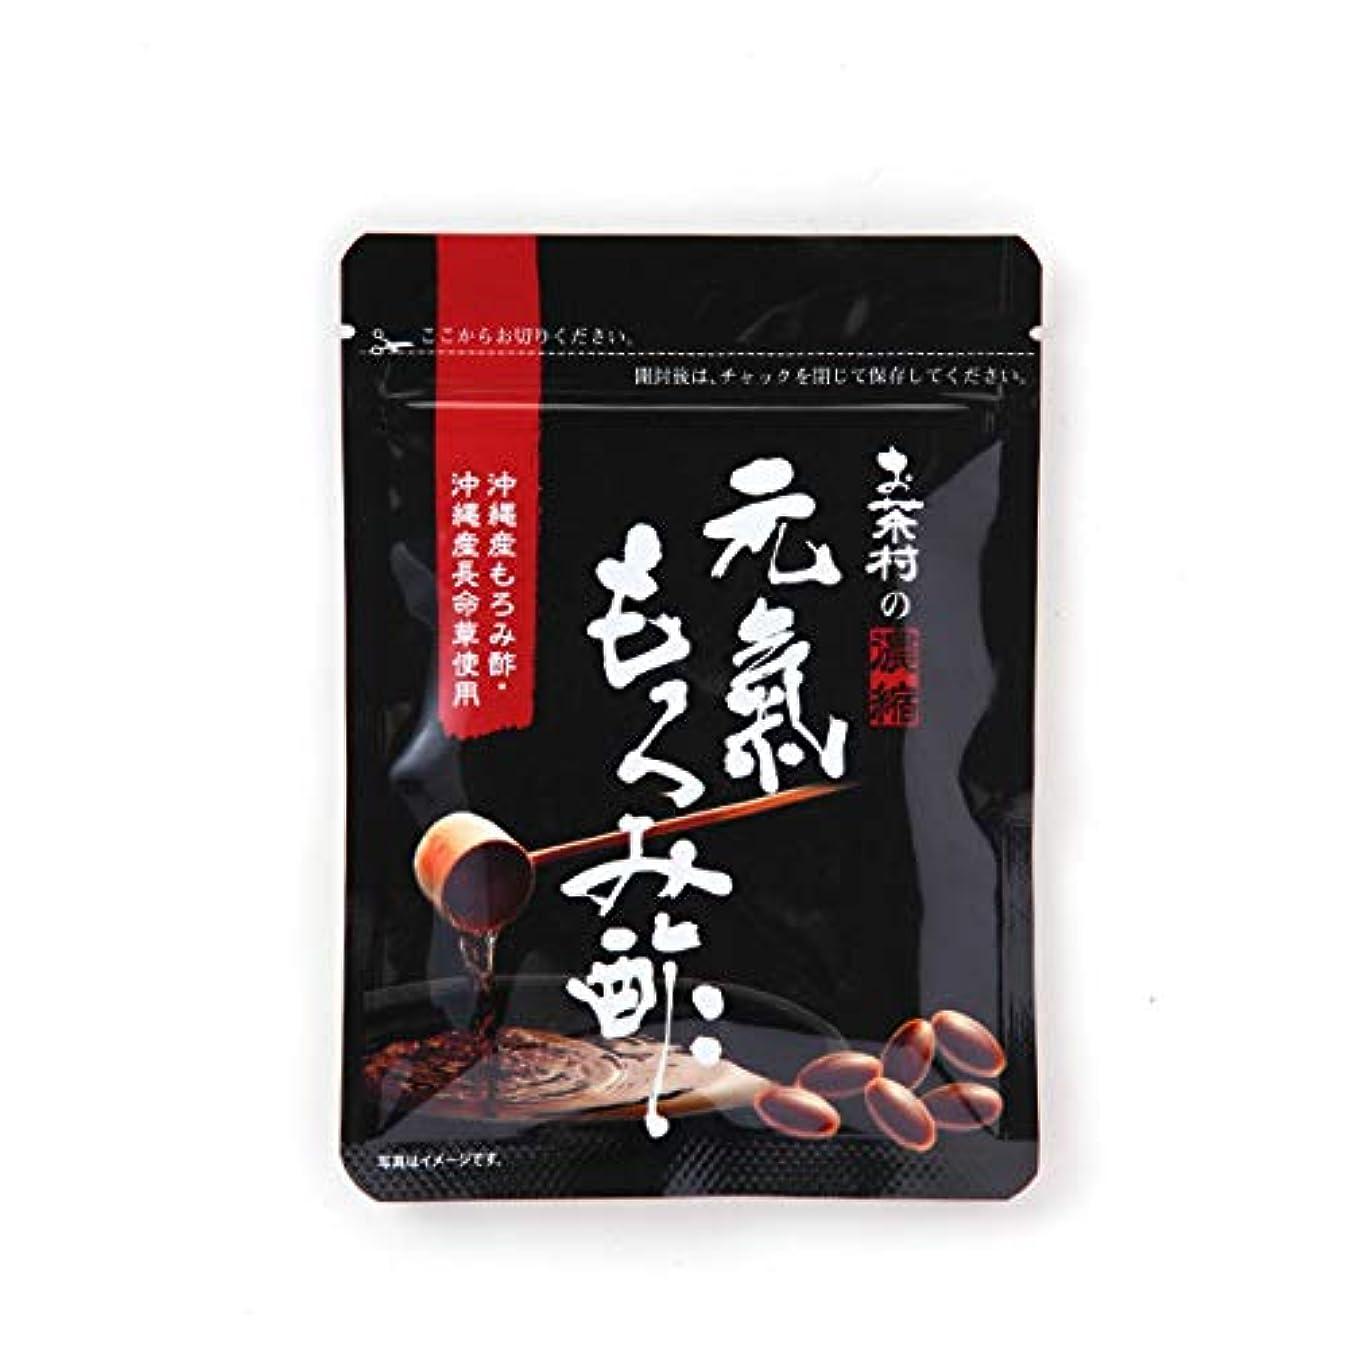 見つける剃る赤外線お茶村 濃縮 元氣 もろみ酢 ( 560mg × 62粒 - 約1ヶ月分 )